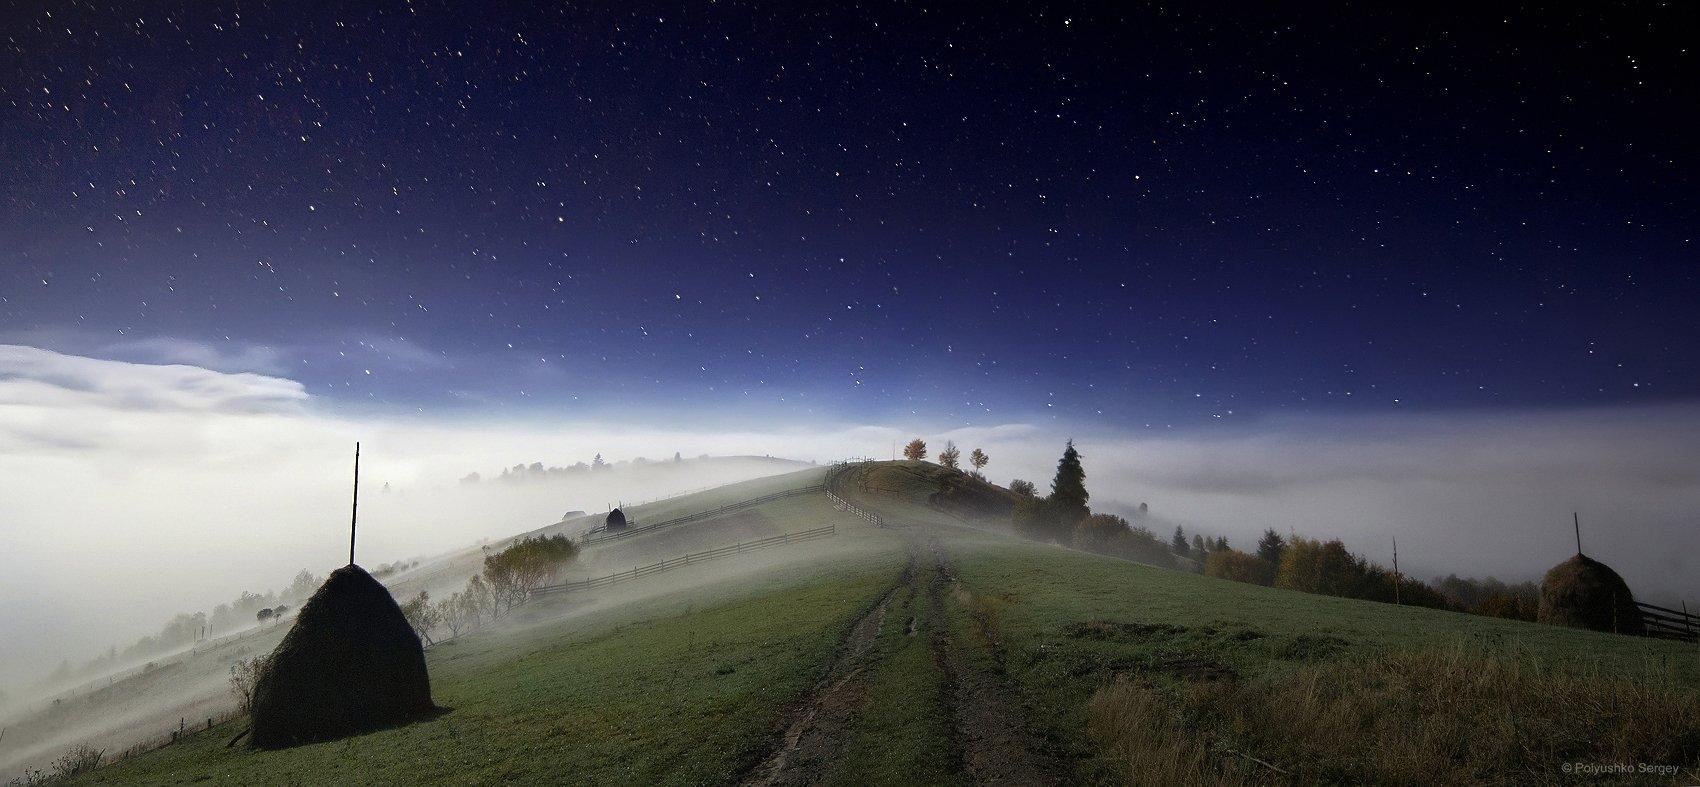 Звезды, Карпаты, Ночь, Туман, Украина, Полюшко Сергей